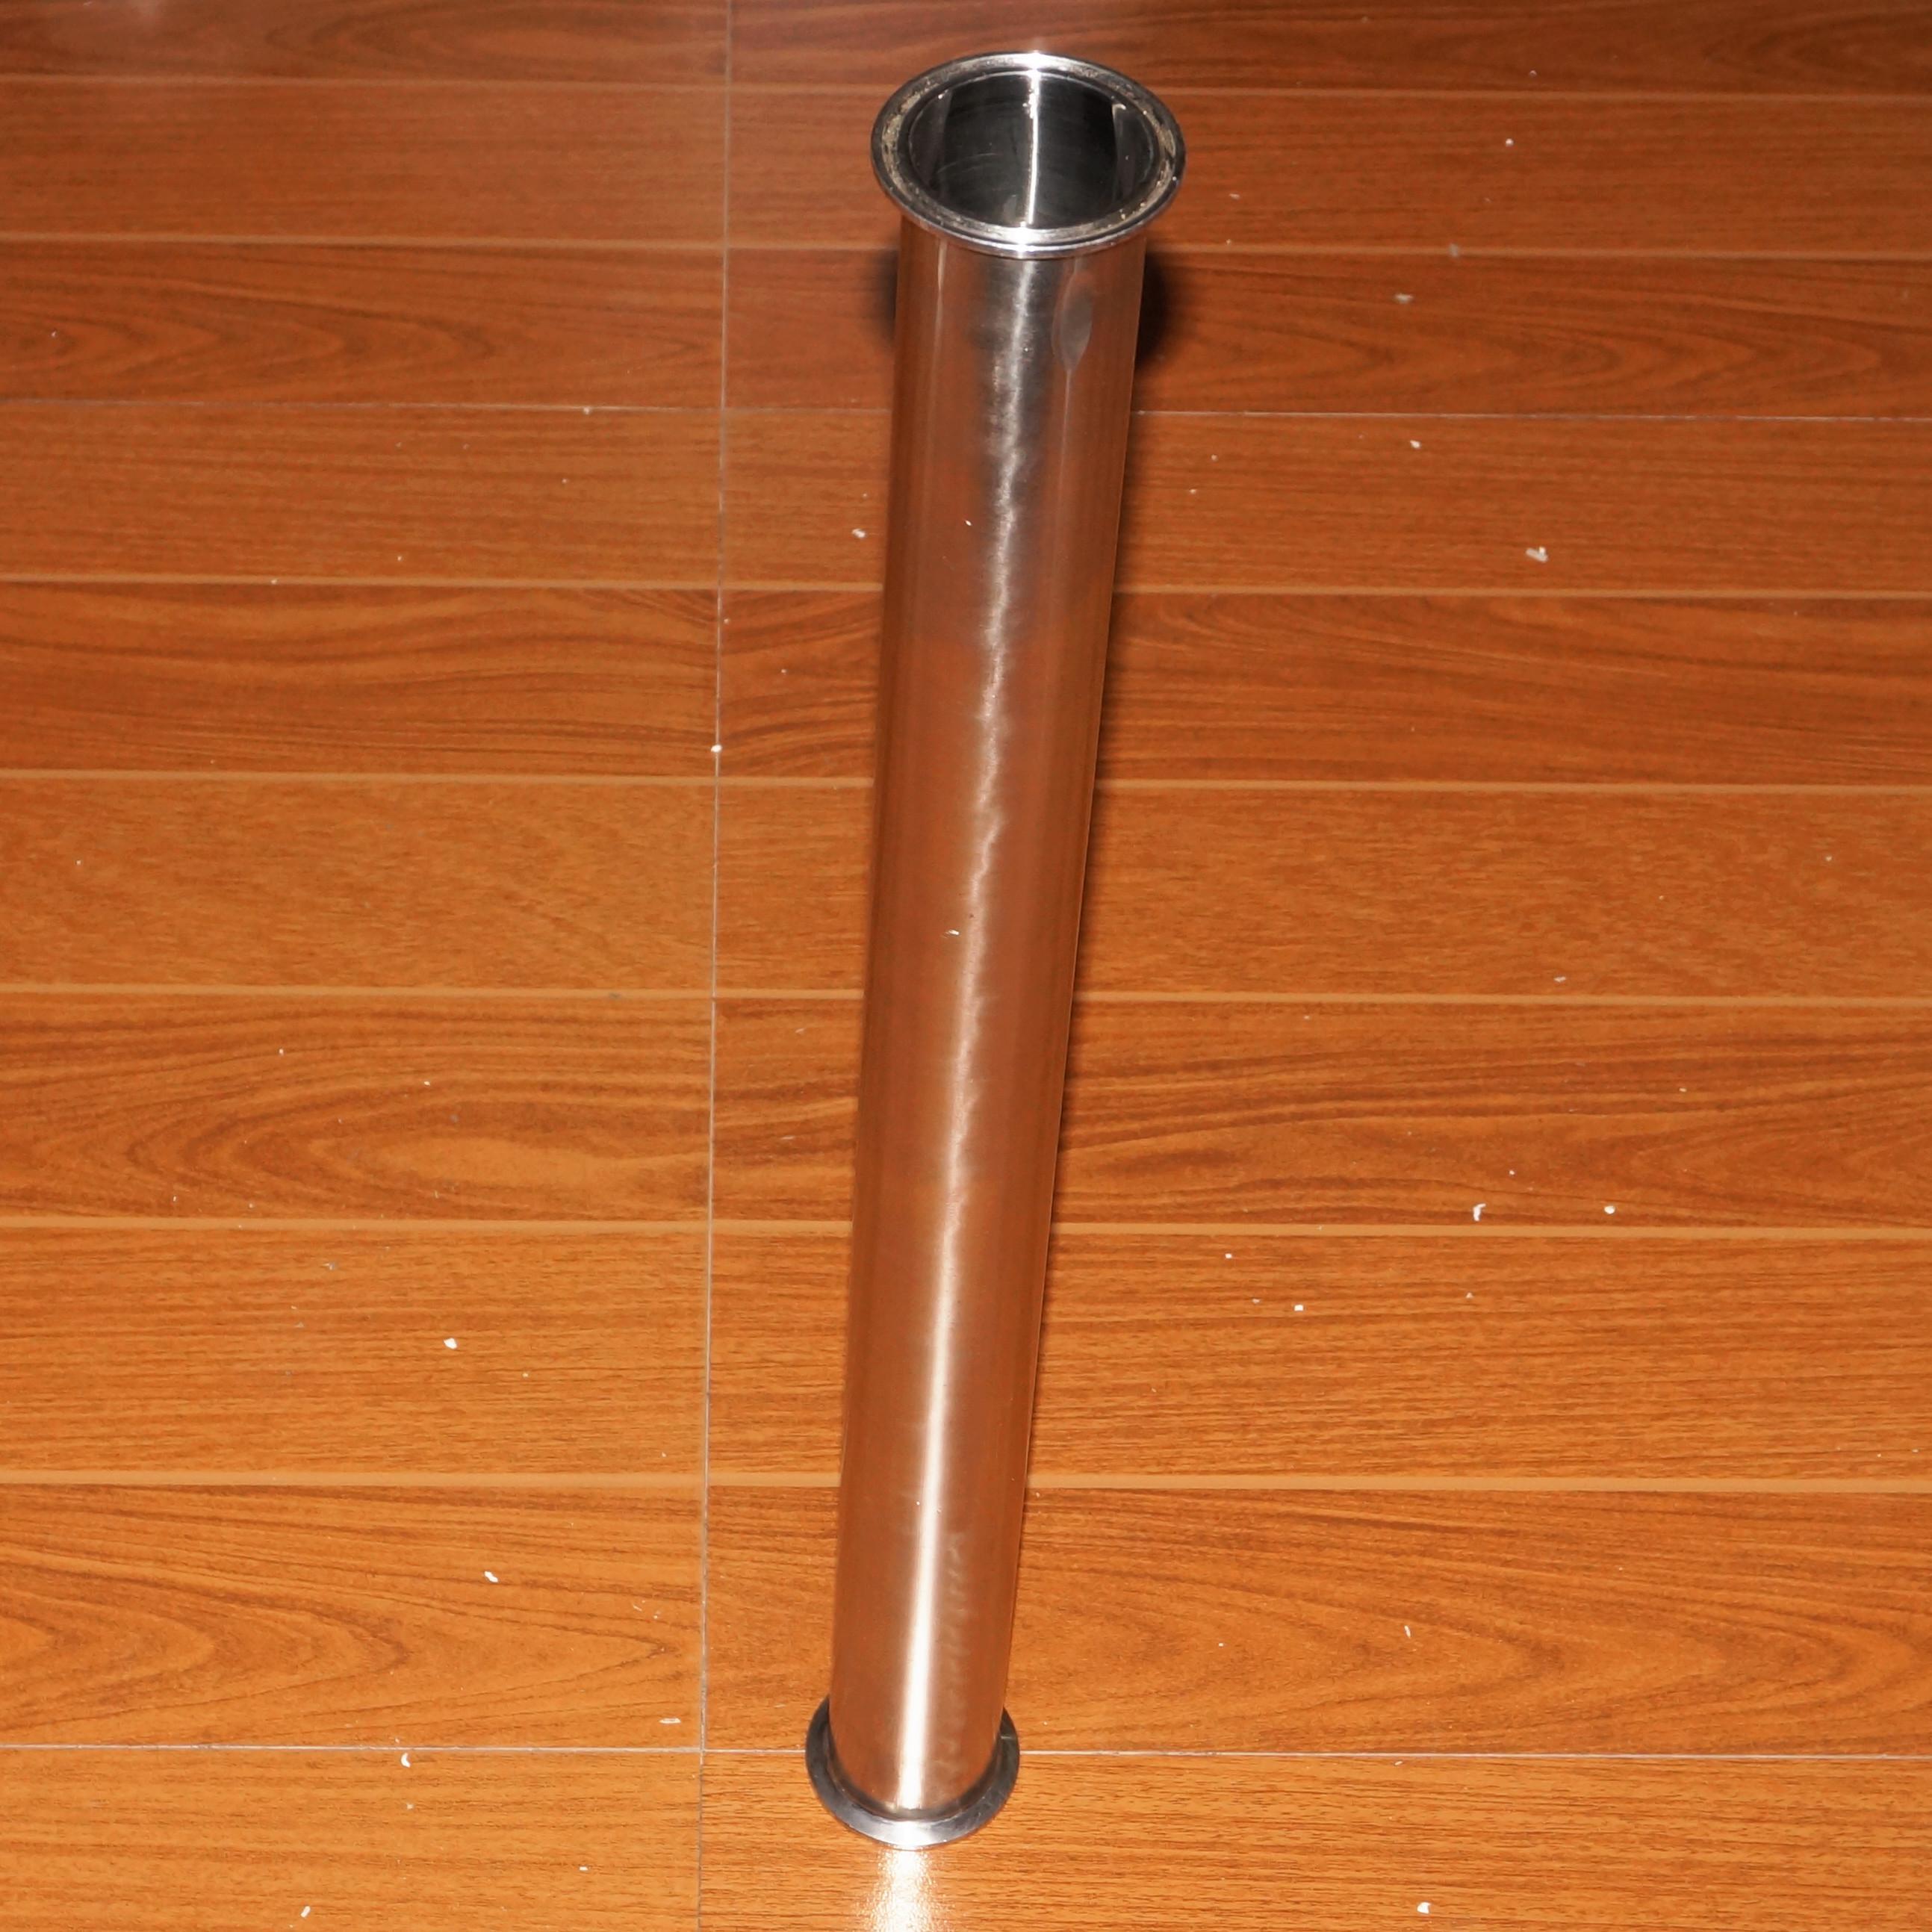 2 Tri Clamp x 51mm OD Tuyau Sanitaire Bobine Tube Longueur 458mm (18) Pour Homebrew SUS304 En Acier Inoxydable